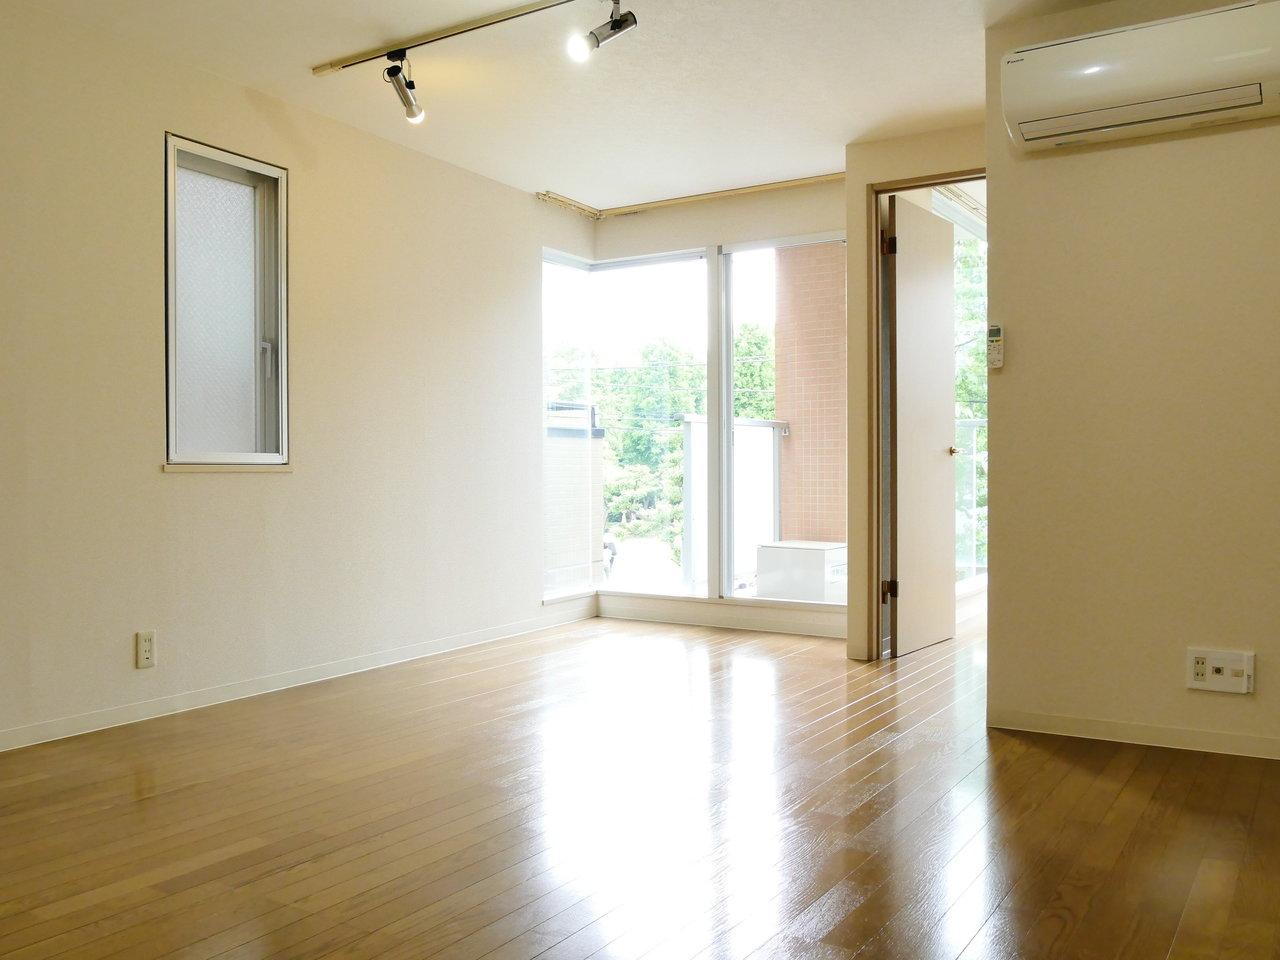 リビングもこんな感じ。同じく南向きの窓から光が入る、明るいお部屋になるでしょう。広さも、11畳と十分ですね。